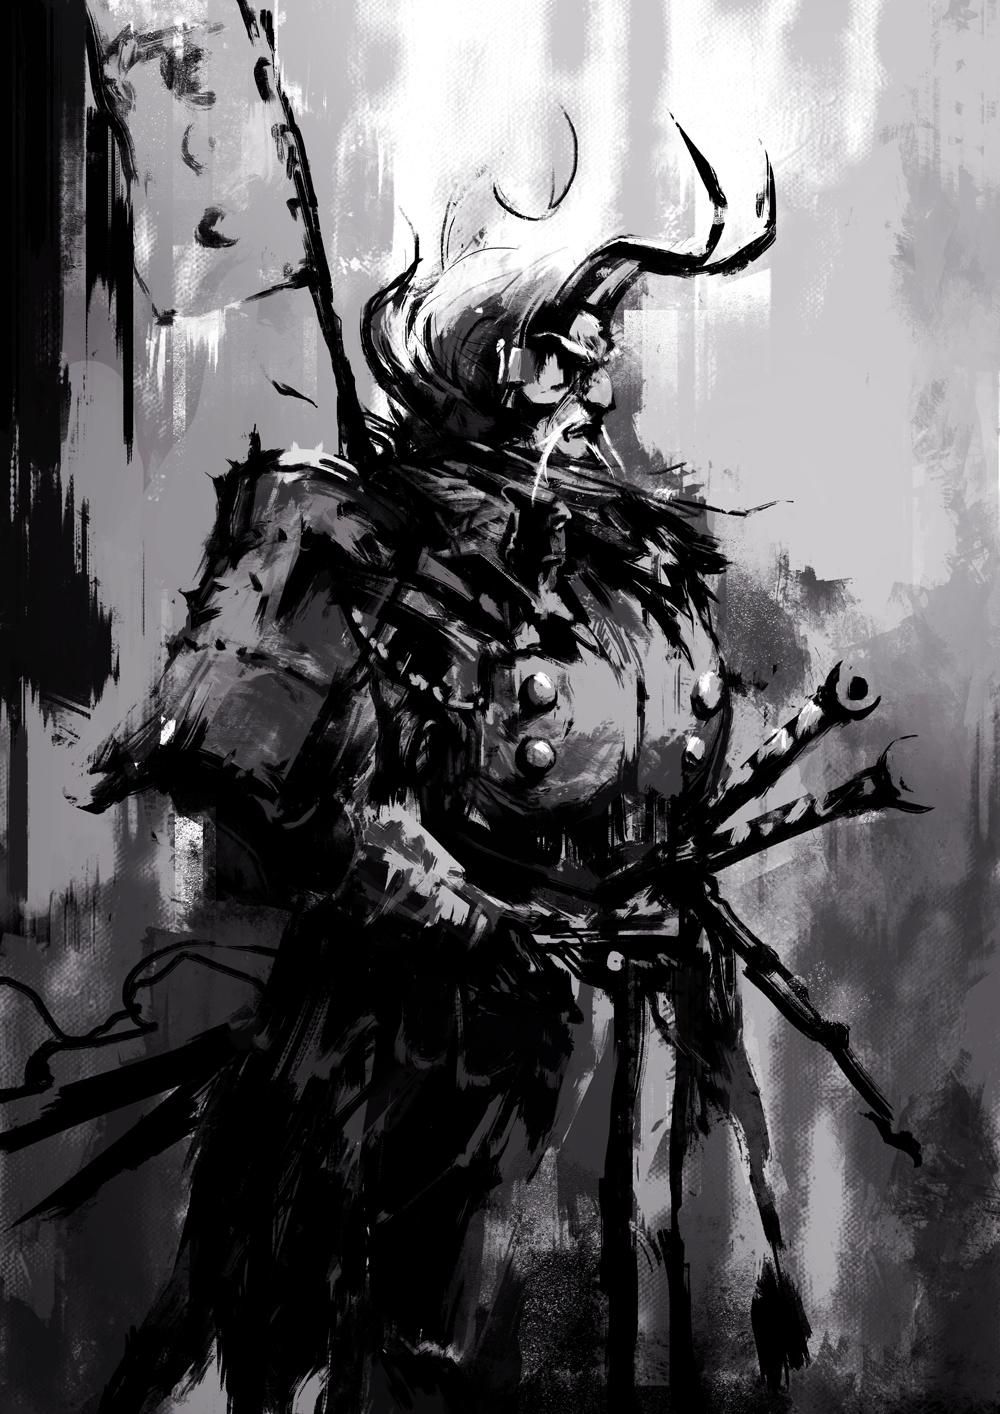 samurai ink by wacalac on deviantart